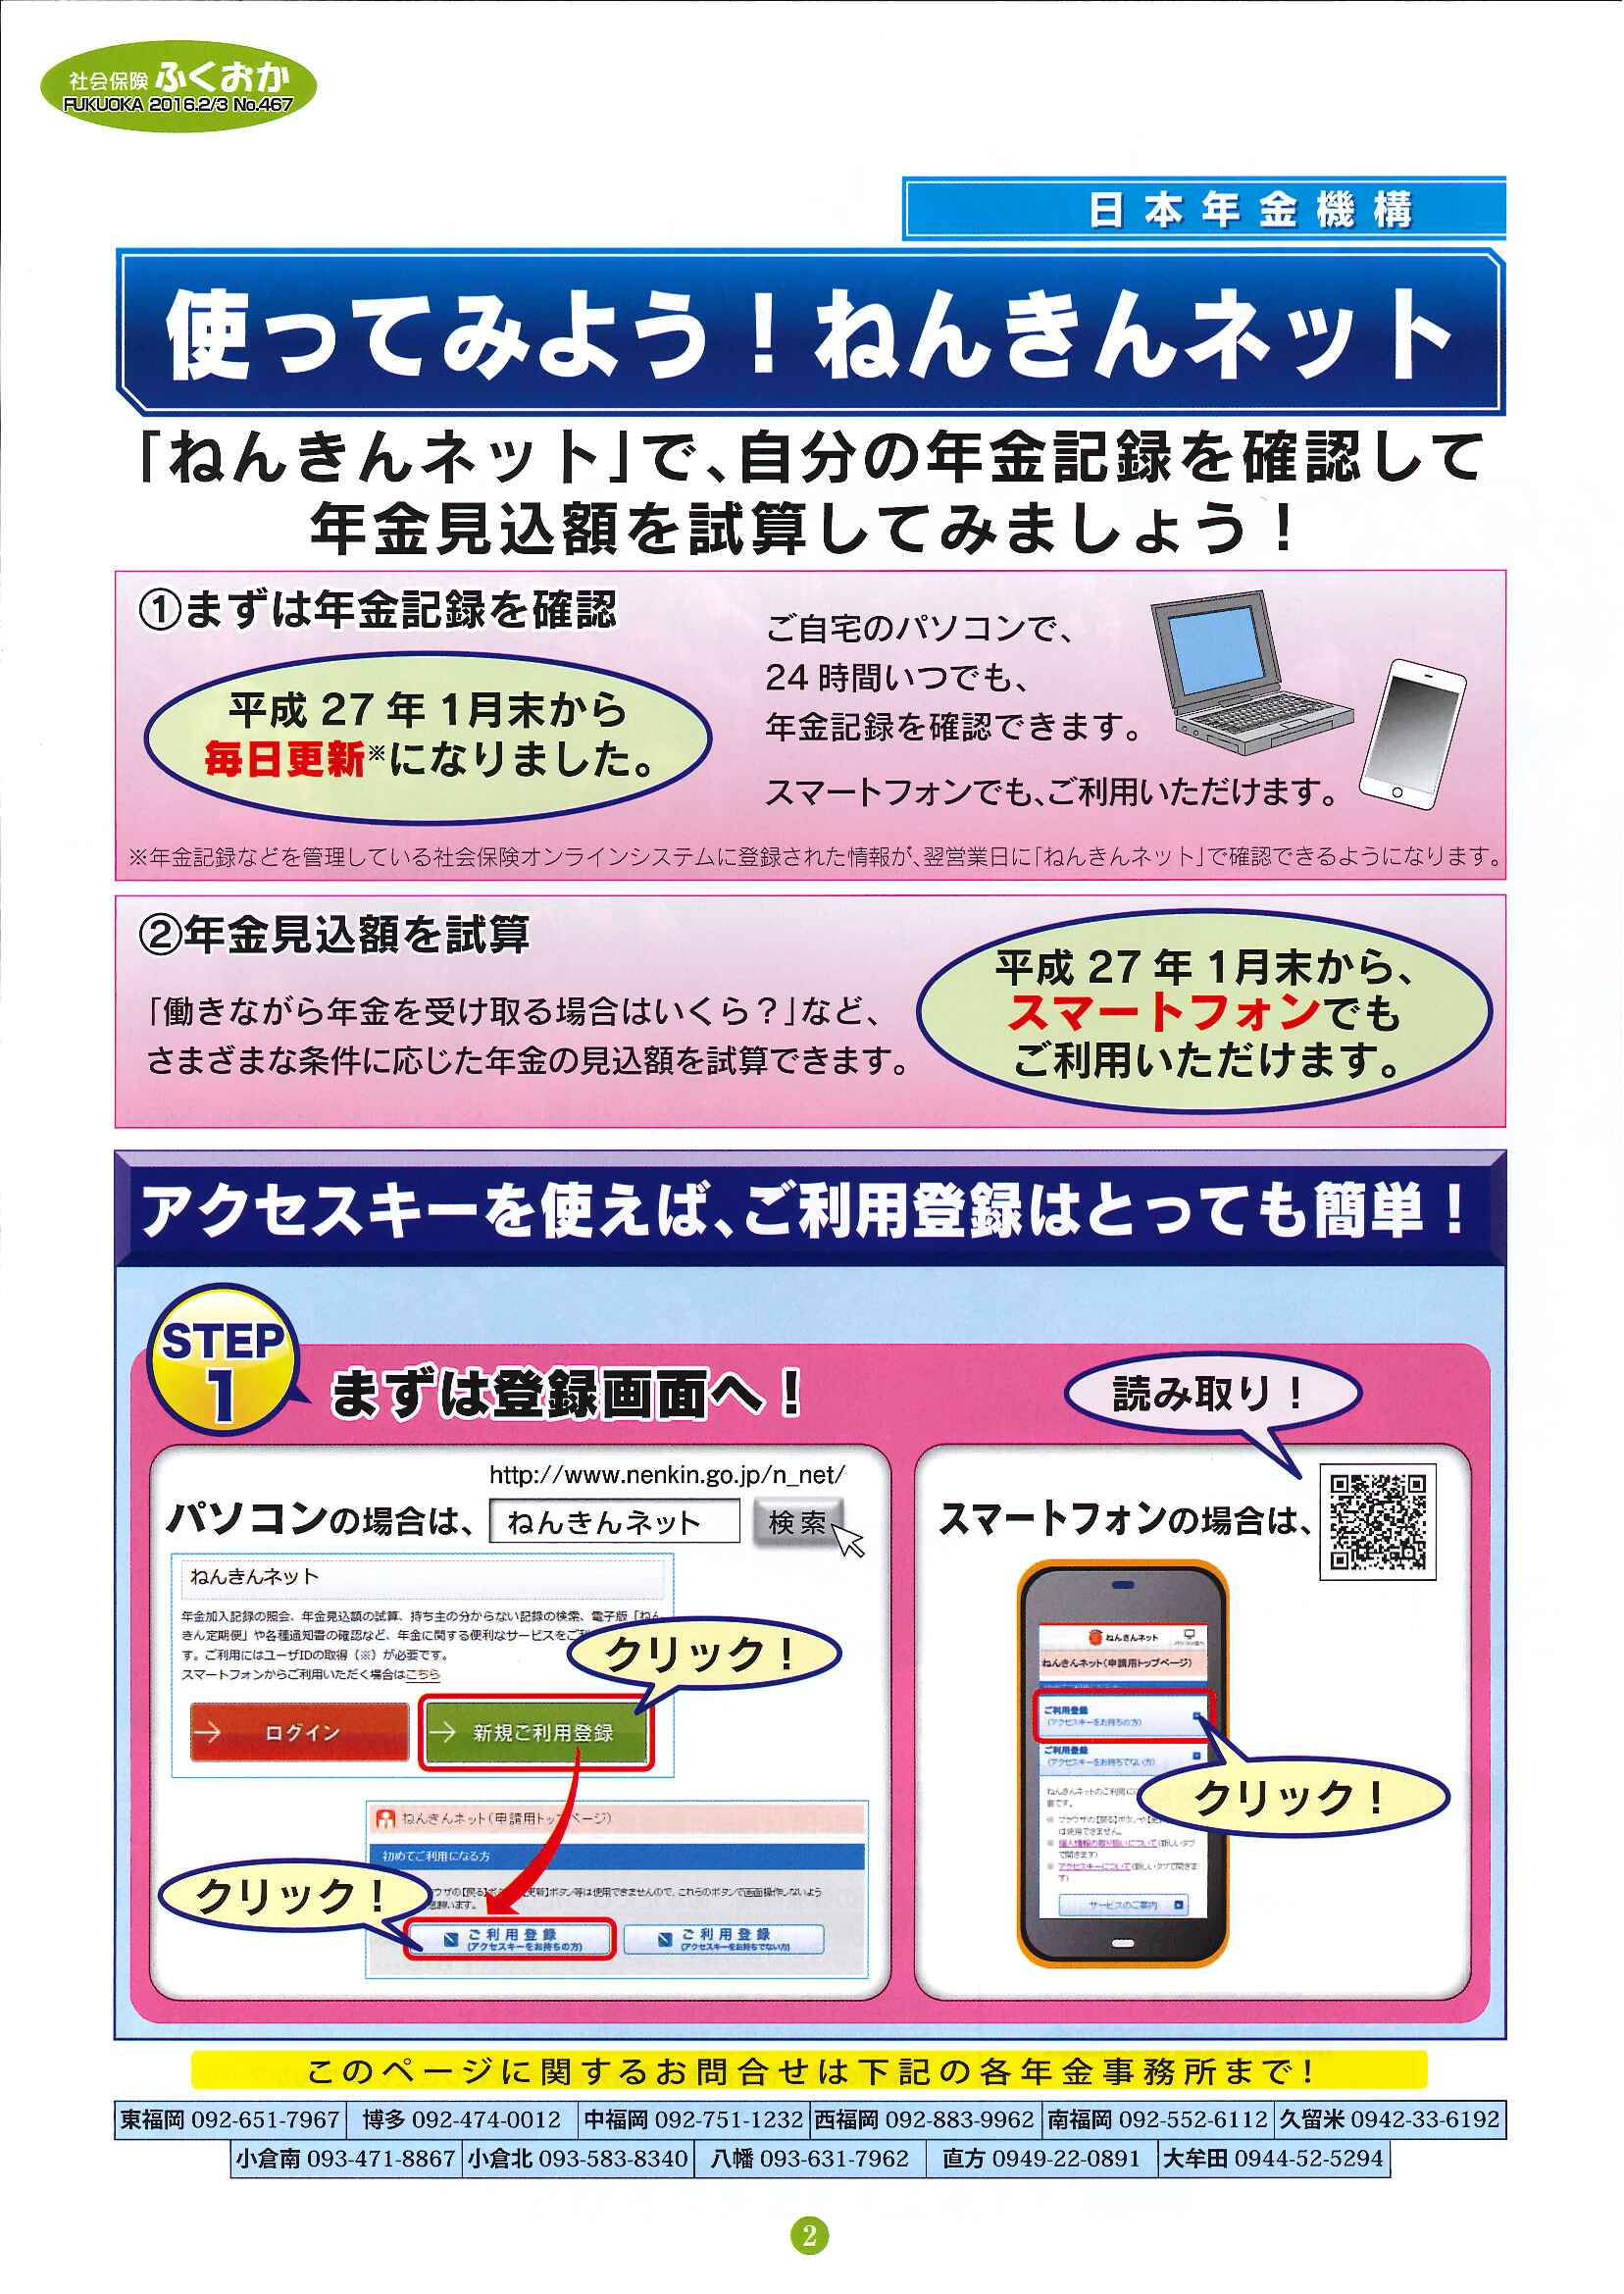 社会保険 「ふくおか」 2016年2・3月号_f0120774_16242242.jpg